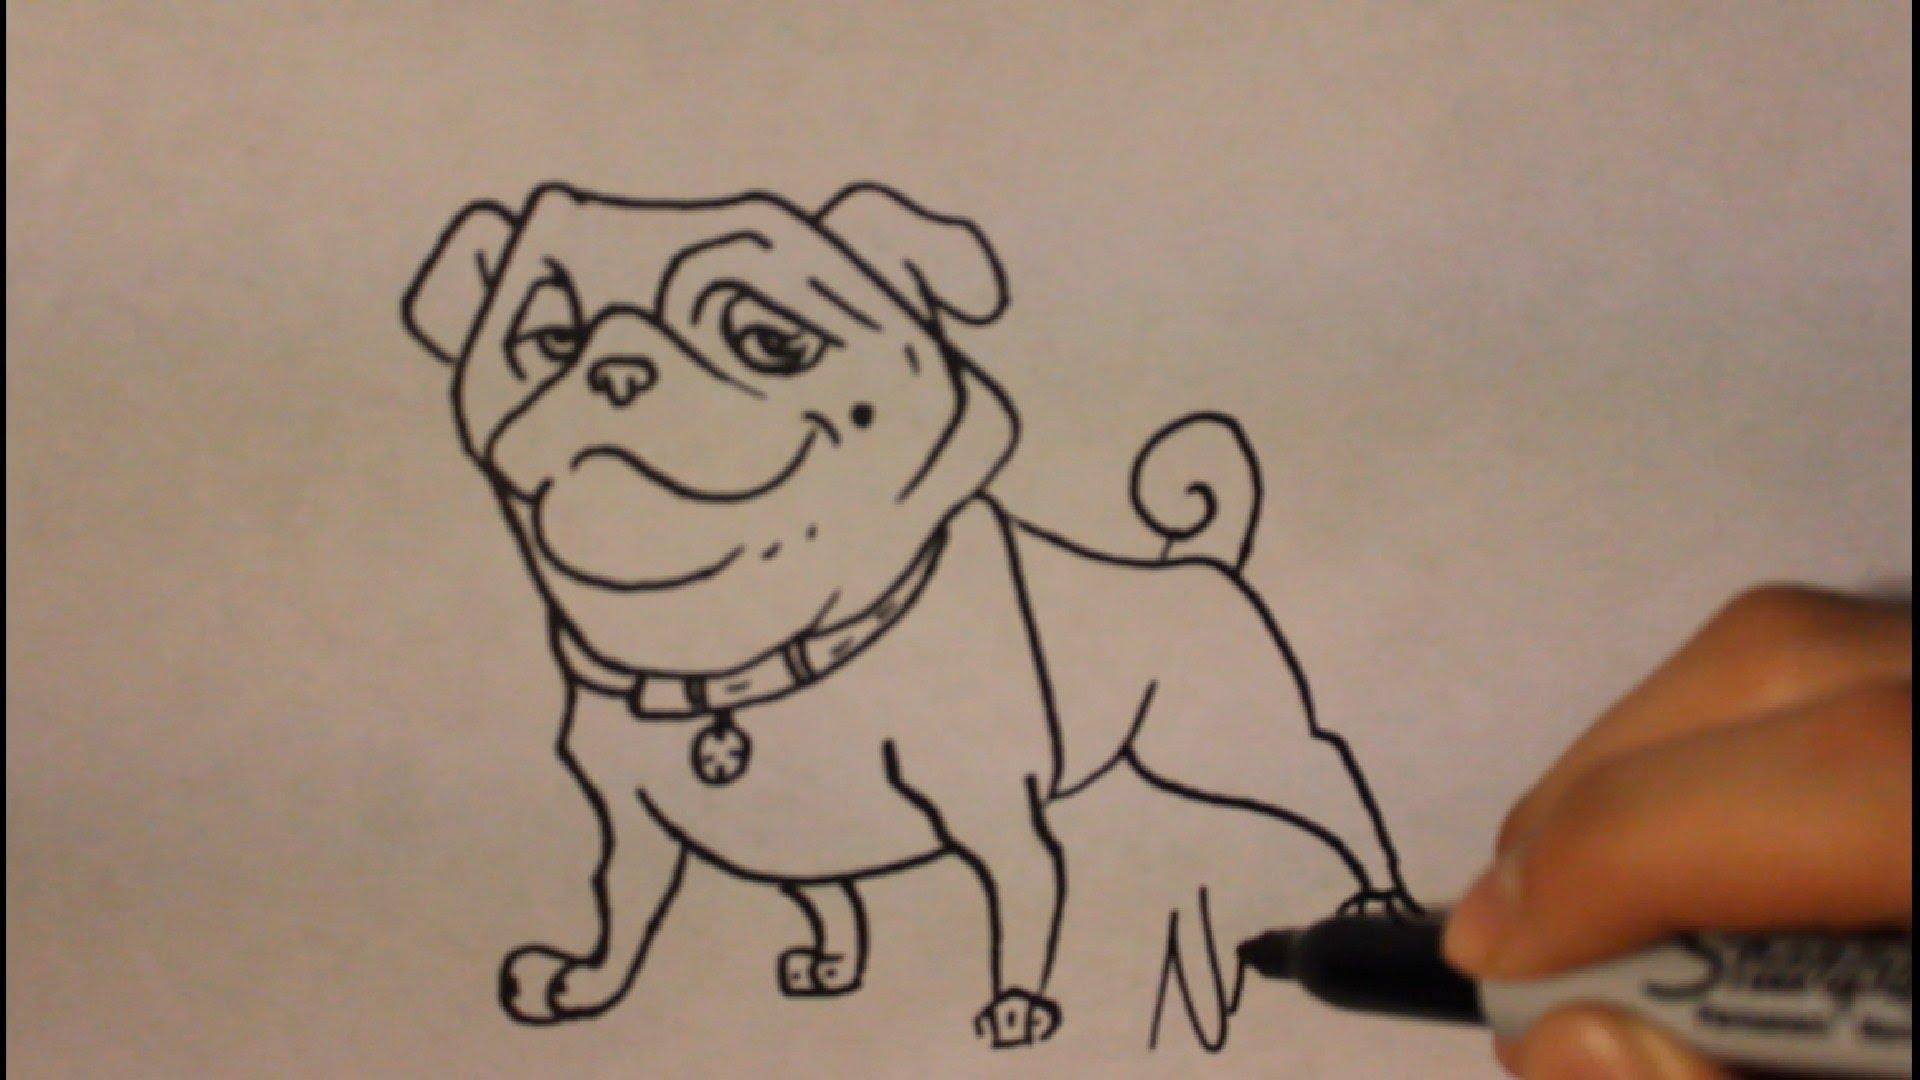 1920x1080 How To Draw Bulldog (Precious) Easy Step By Stepcomo Dibujar Un